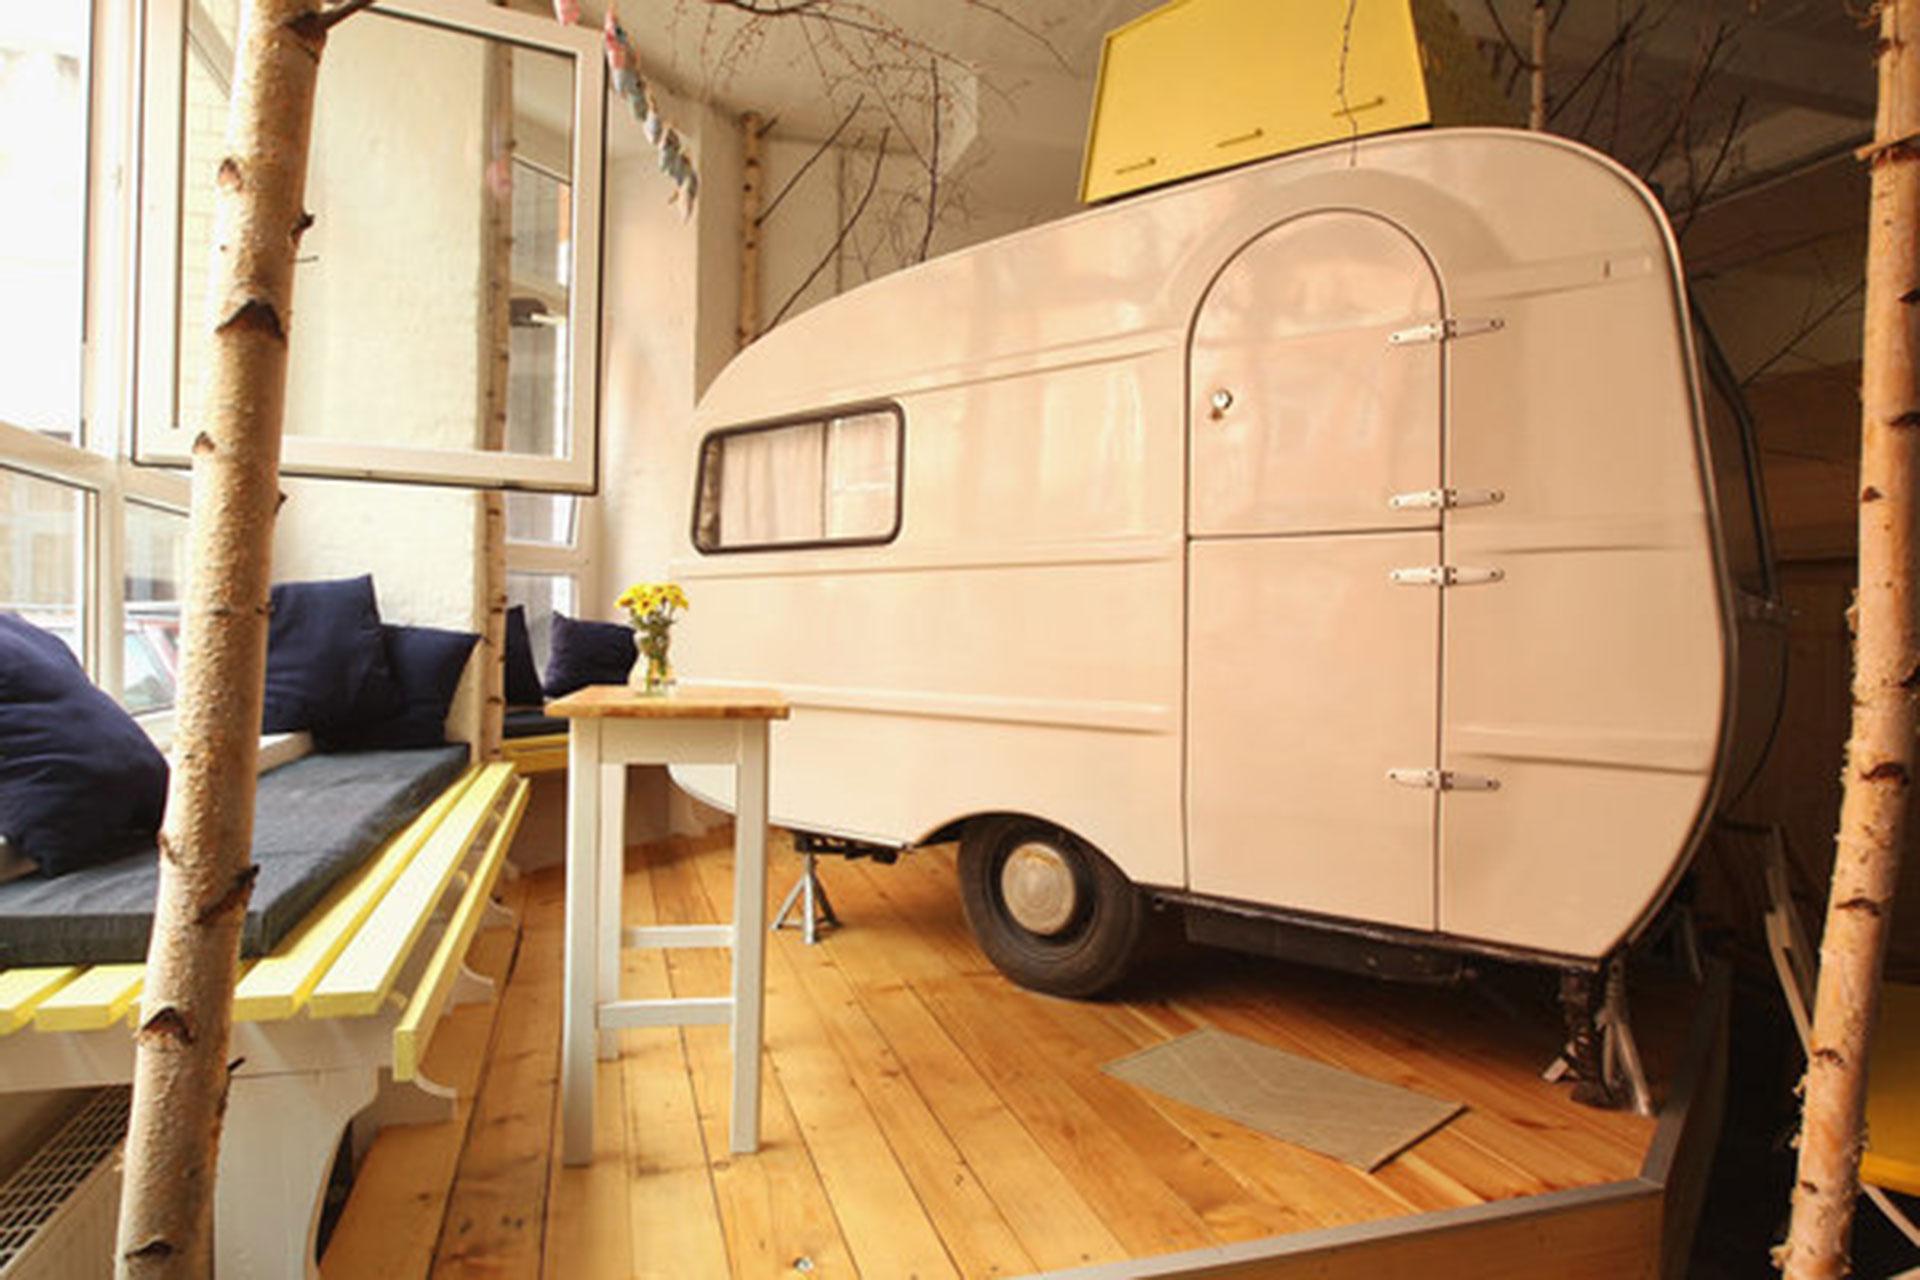 Huettenpalast (Berlín, Alemania). Funciona dentro de una vieja fábrica de aspiradoras, convertida en un curioso hotel en el que hay casas rodantes que funcionan como habitaciones (Getty Images)